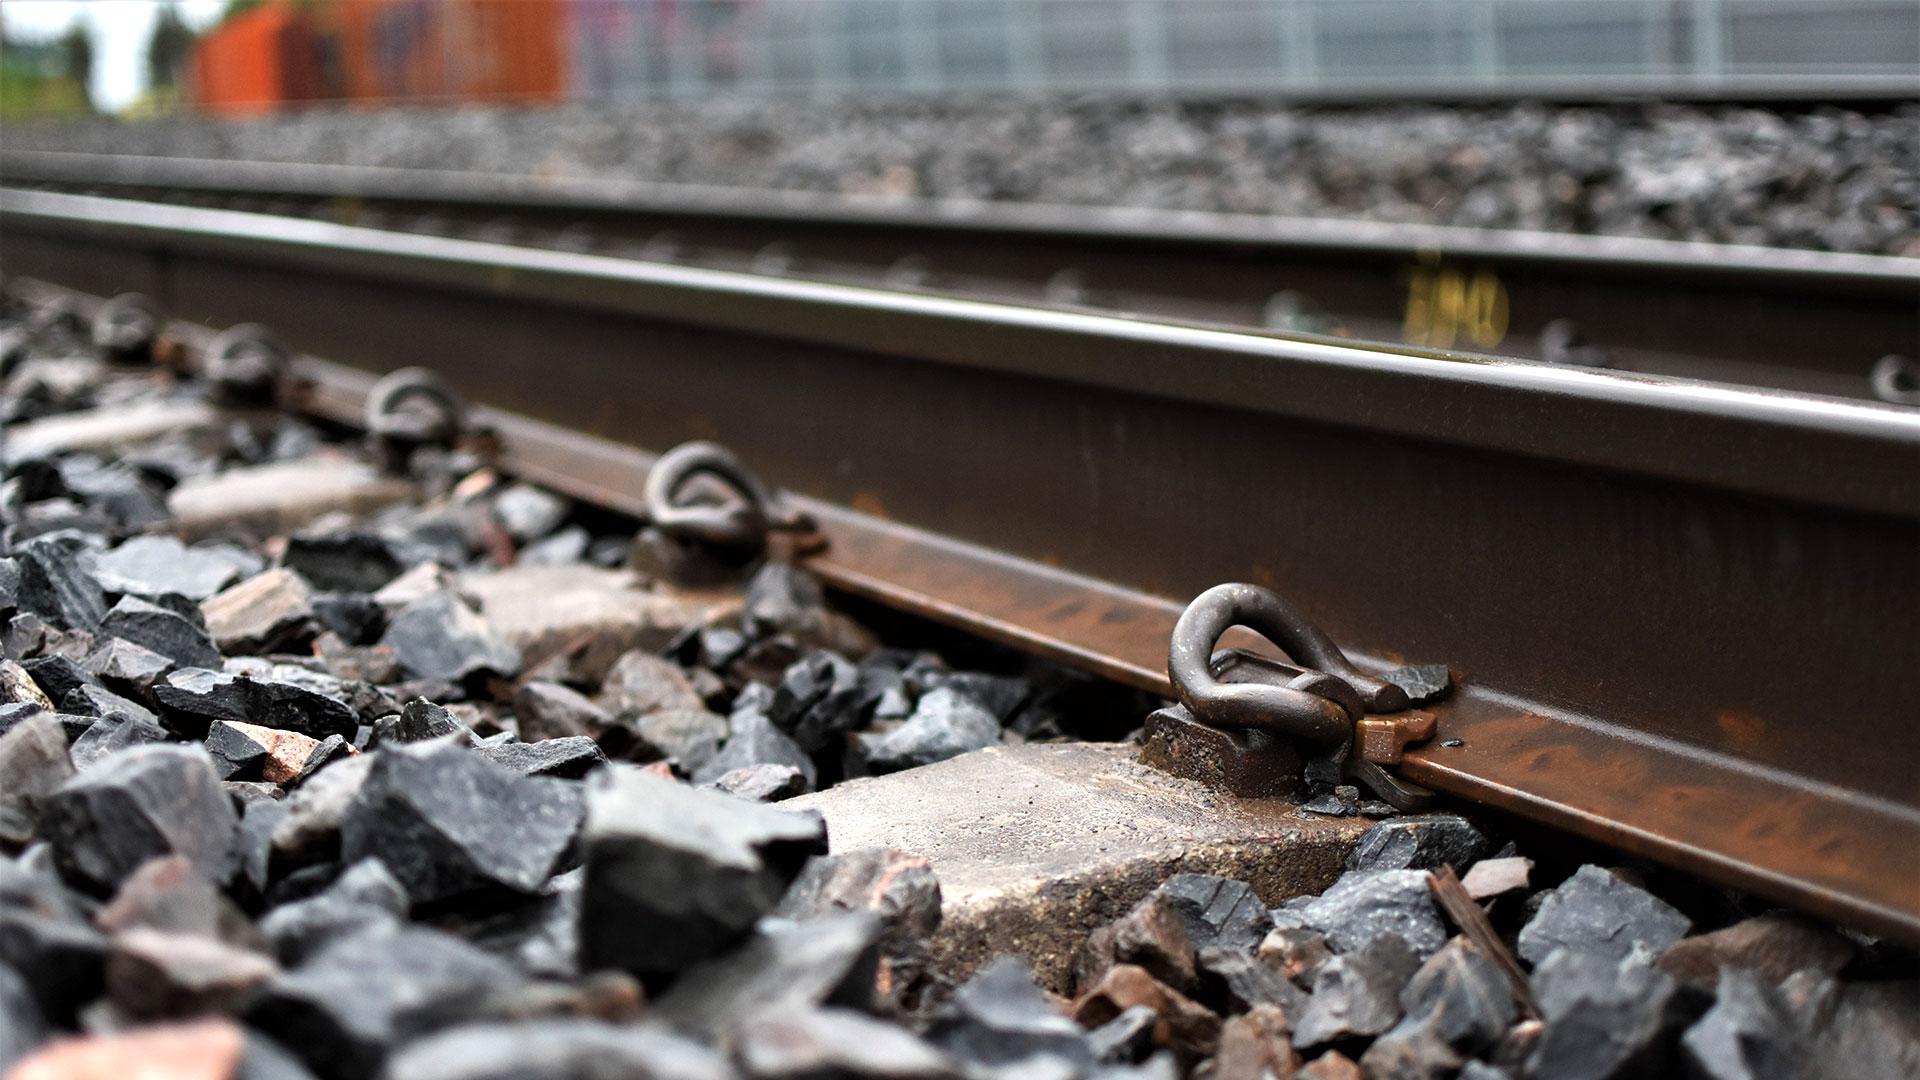 Tehokas tärinän torjunta lisää asumisen mukavuutta juna- tai kaupunkiraiteiden varsilla.